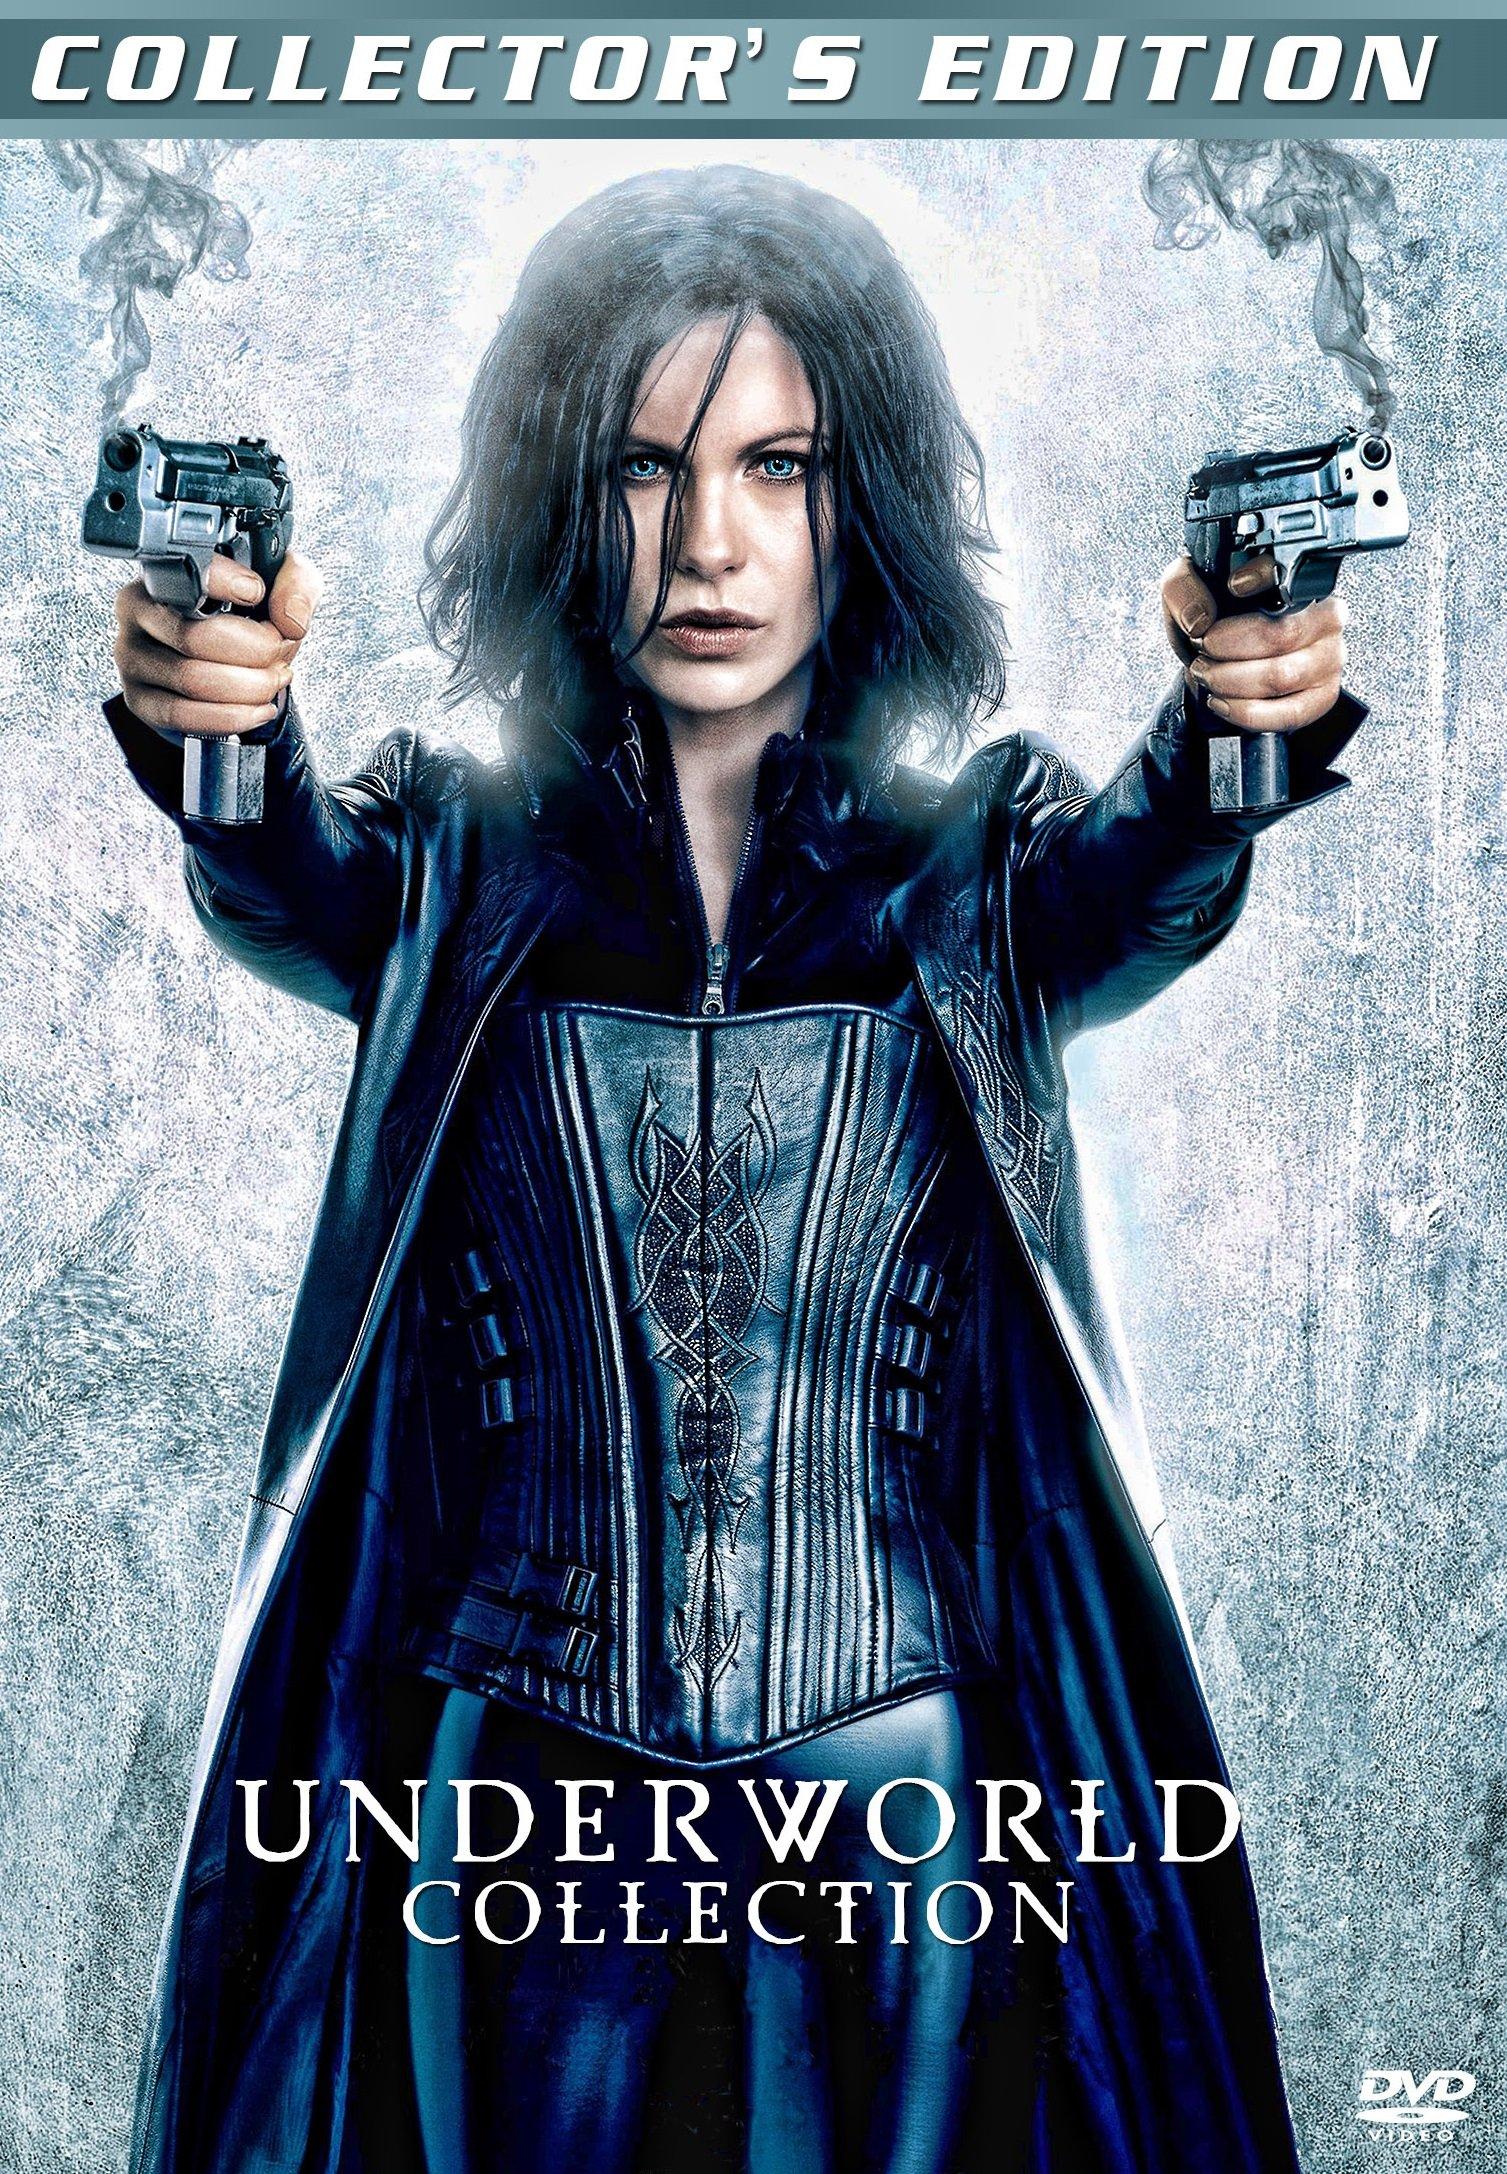 Underworld 1-5 (2003-2016) มหาสงครามล้างพันธุ์อสูร ภาค 1 – 5 FULL HD